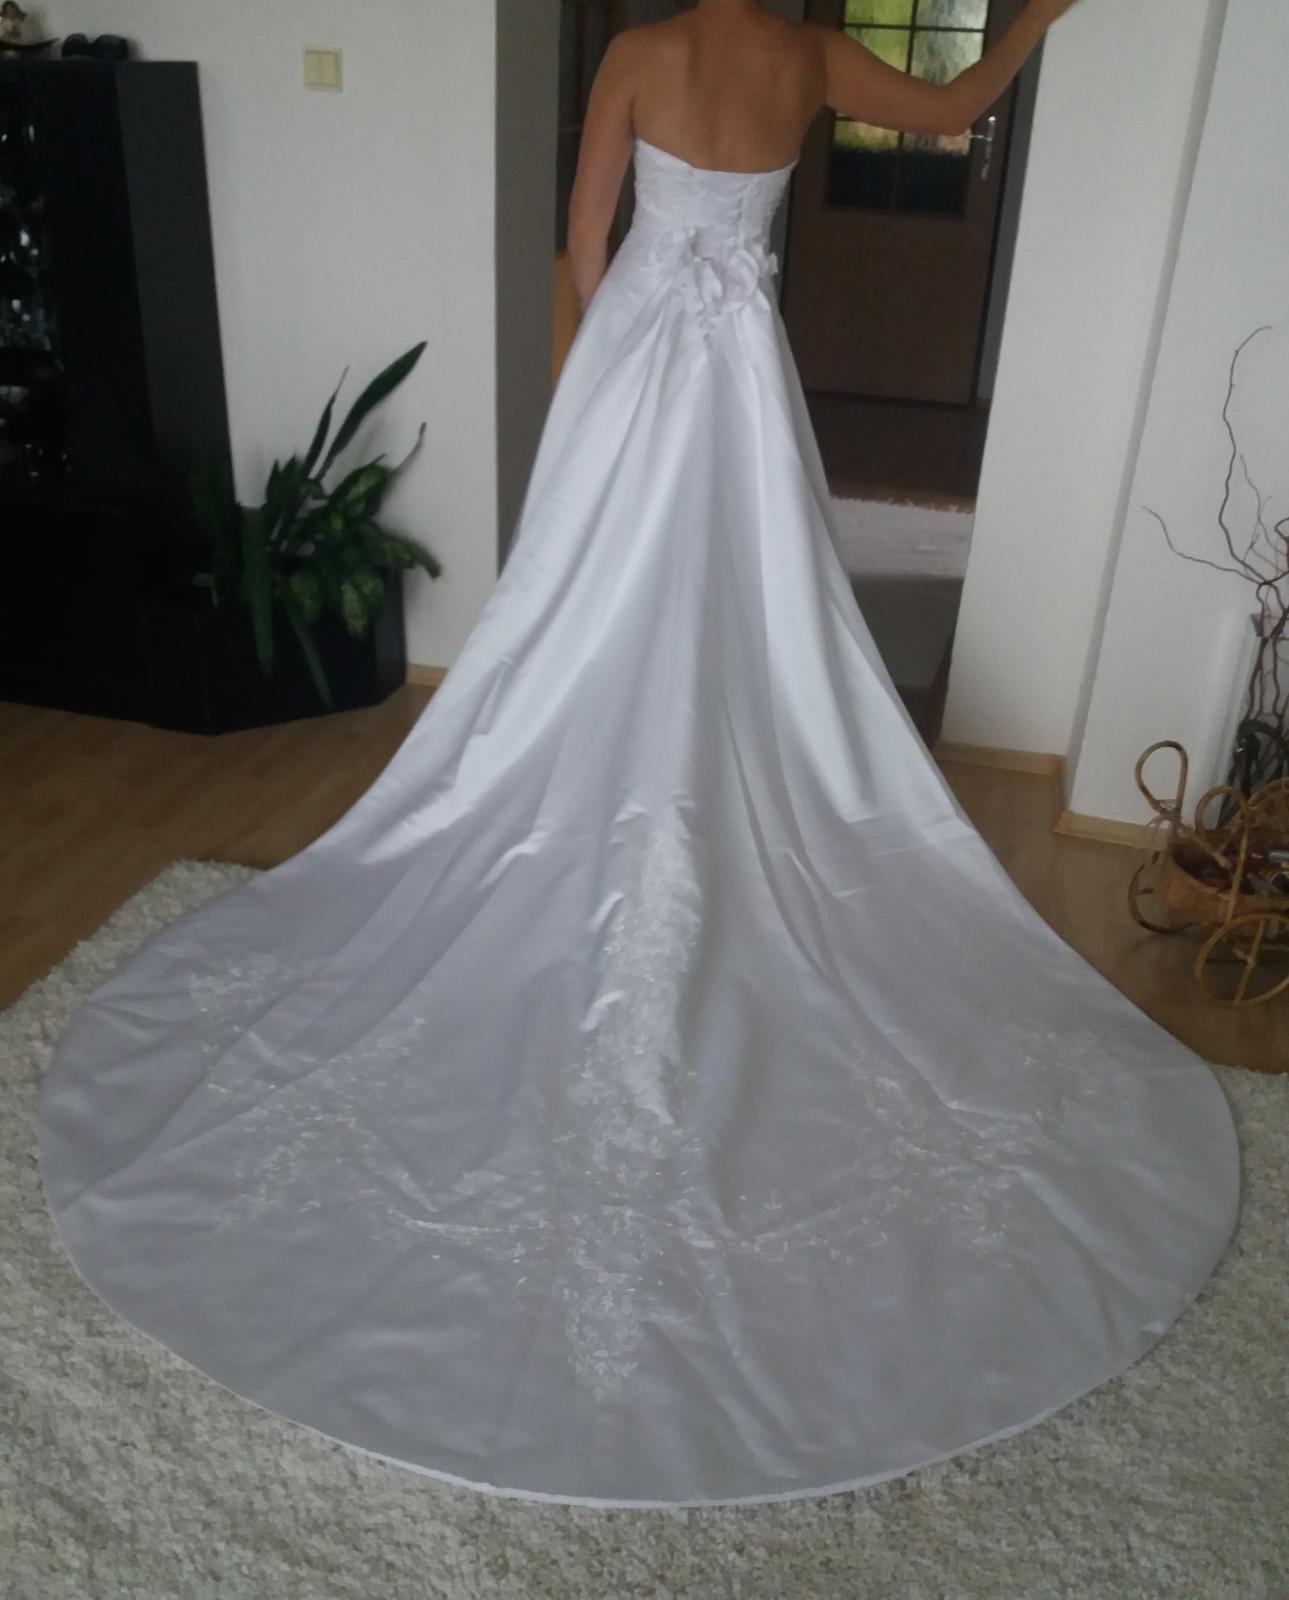 Svadobné šaty veľkosť 36-38 - Obrázok č. 1